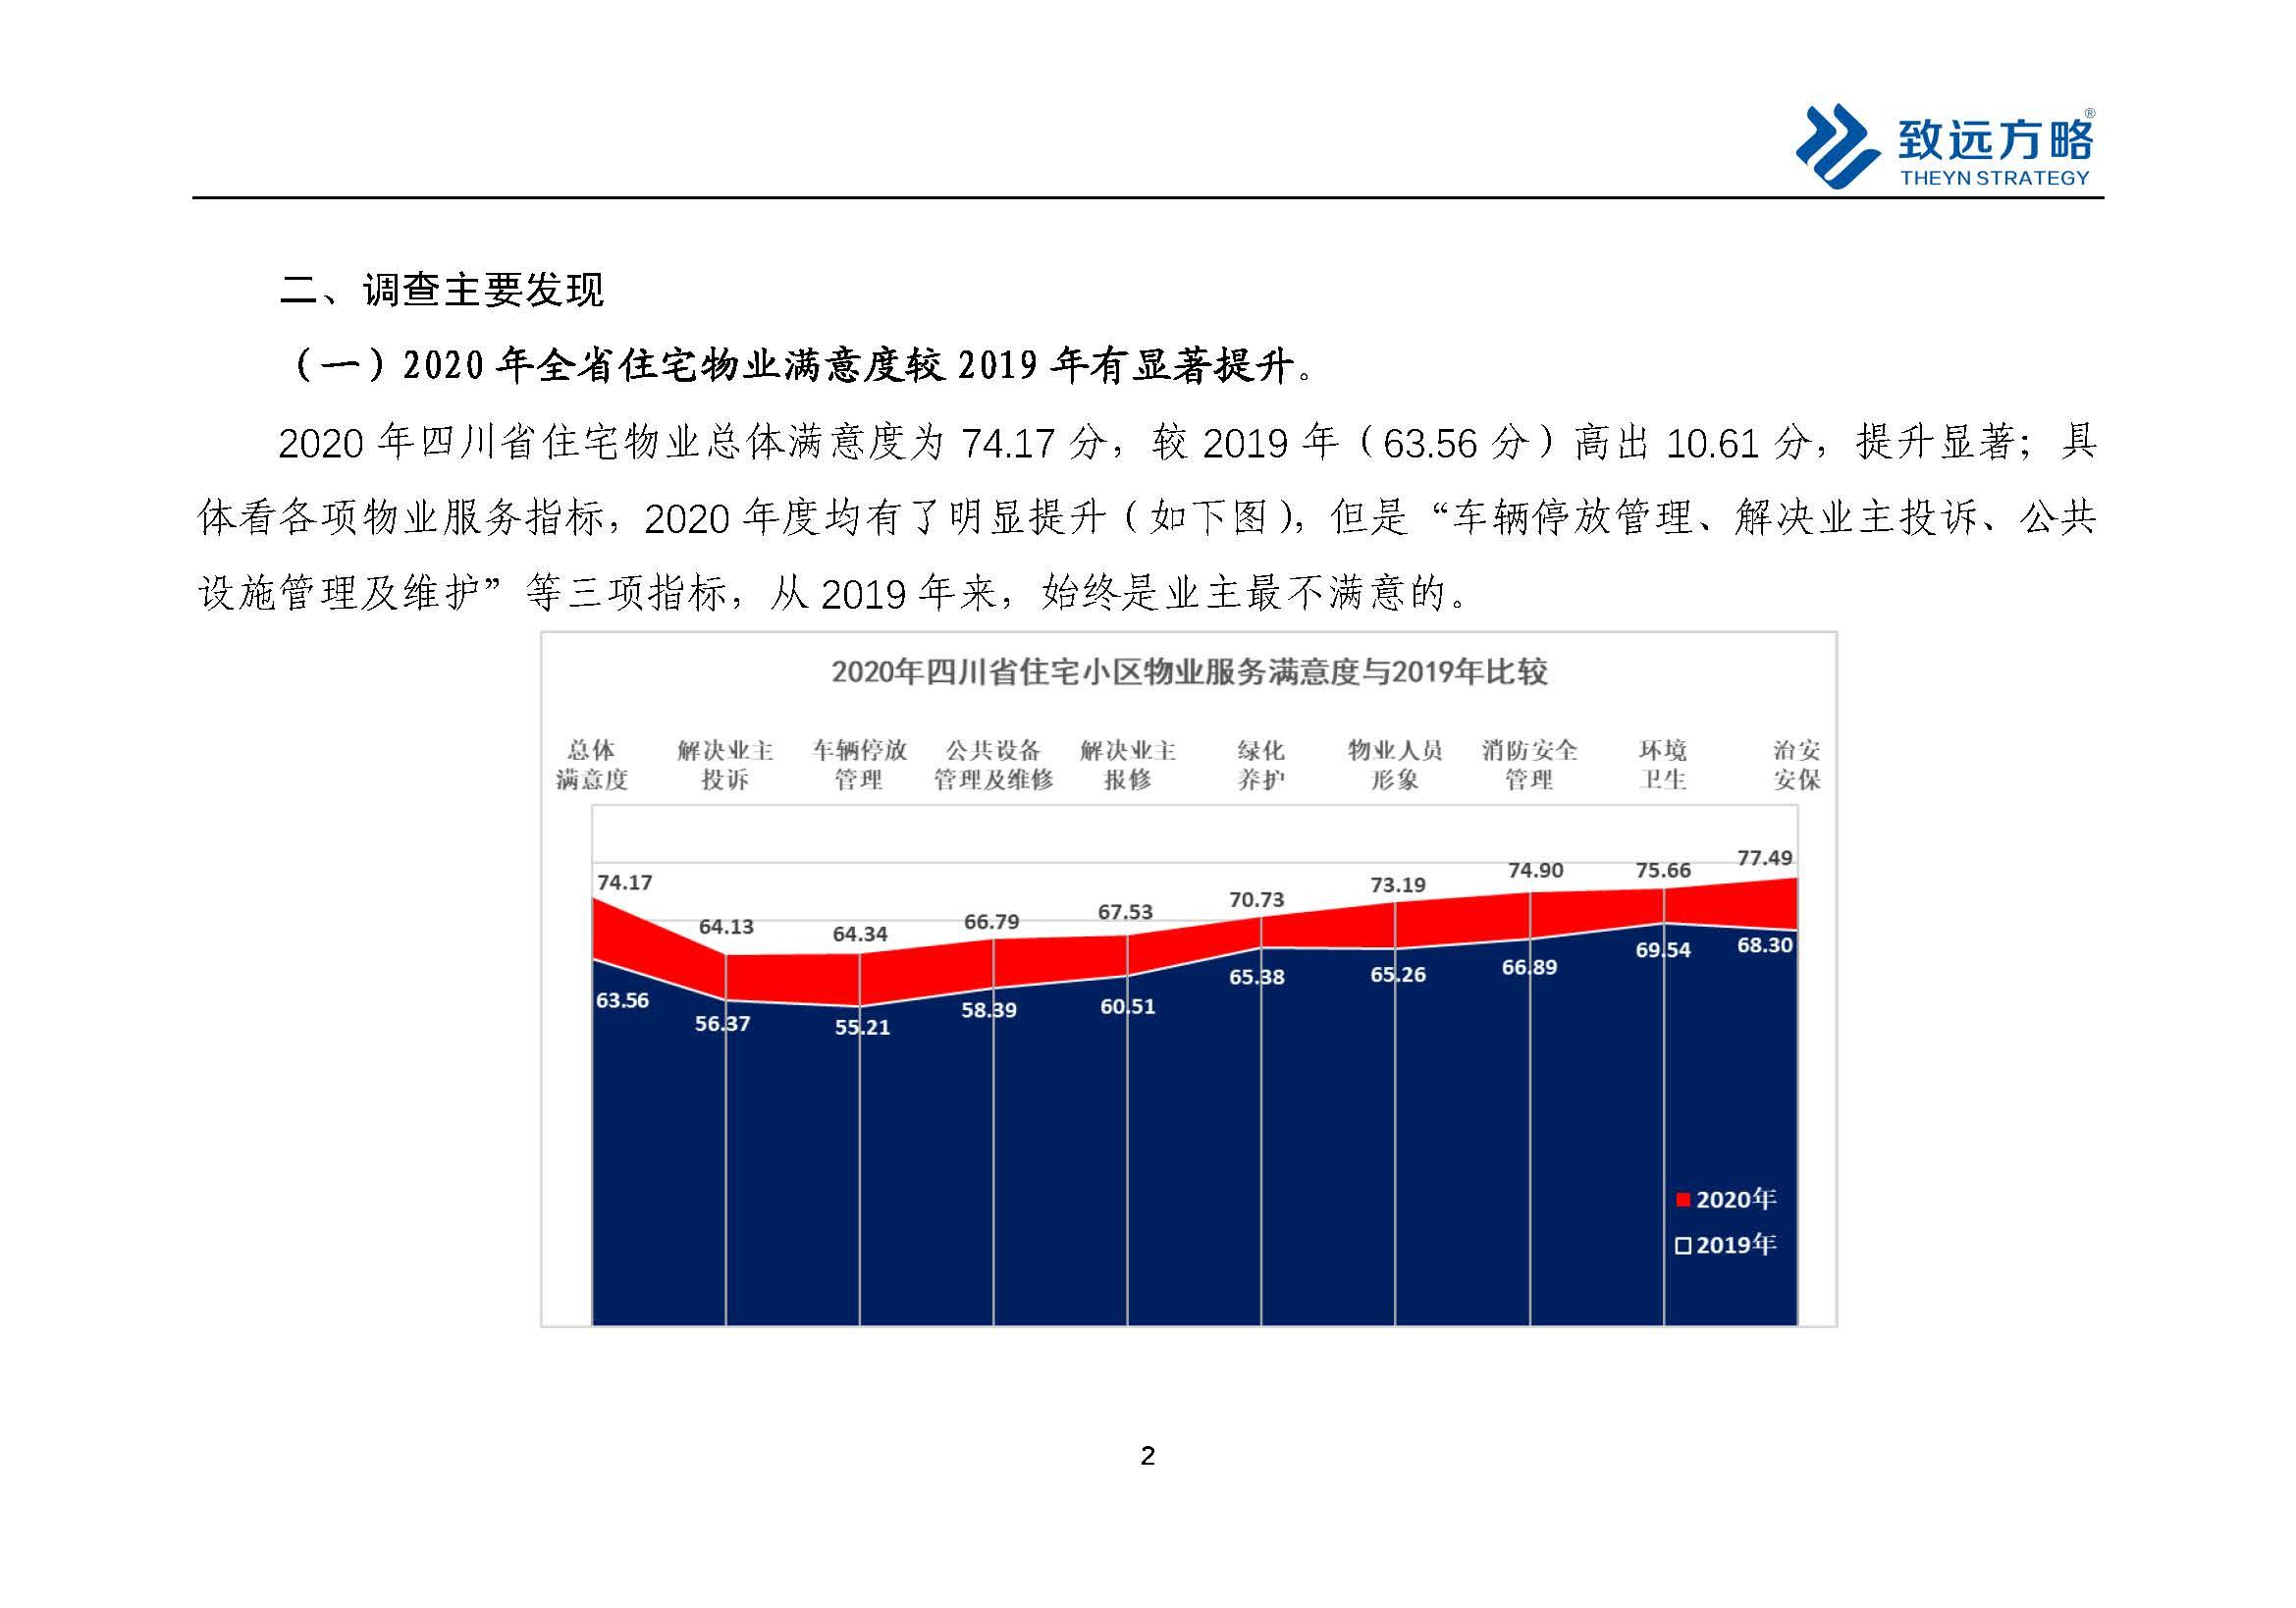 新建文件夹-2020疫情期间四川物业满意度暨物业满意度指数跟踪调查报告_页面_3